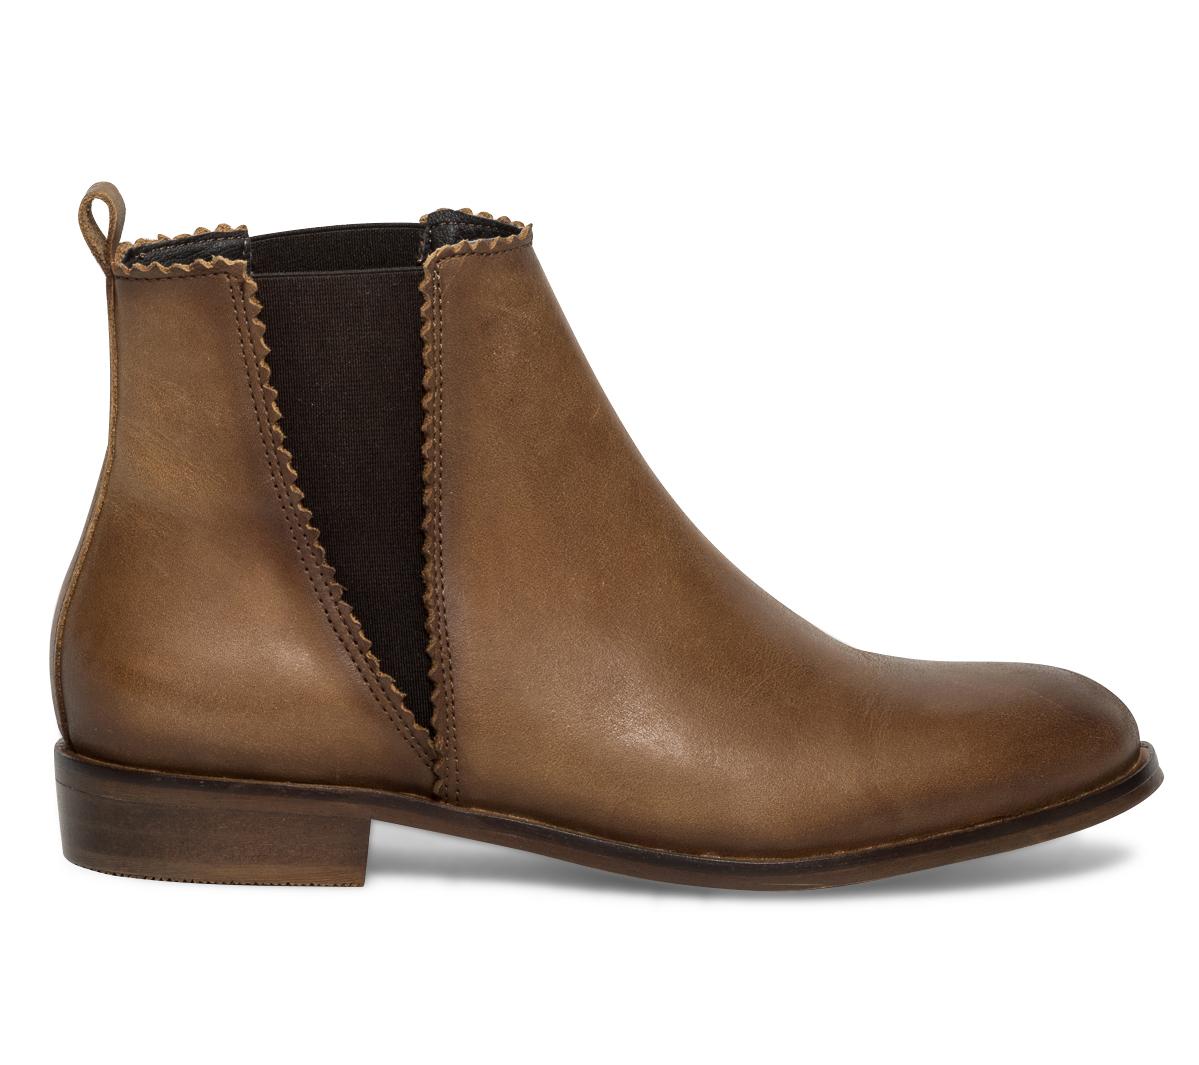 boots boots cuir camel Eram Chelsea Eram Chelsea camel cuir qw4fdBq